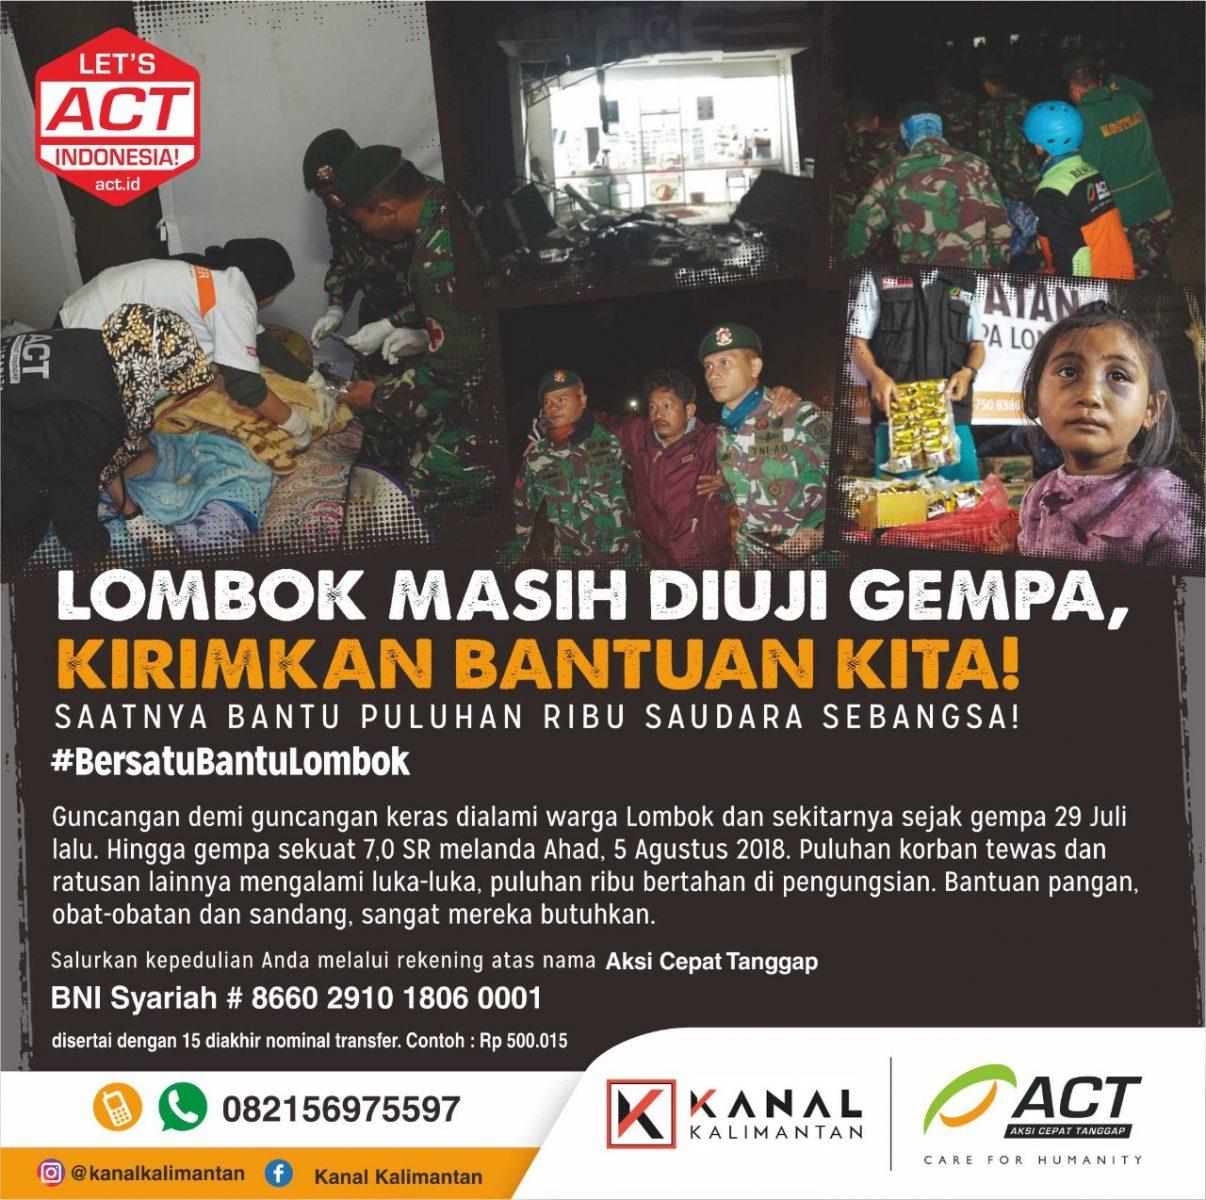 Donasi ACT Gempa Lombok